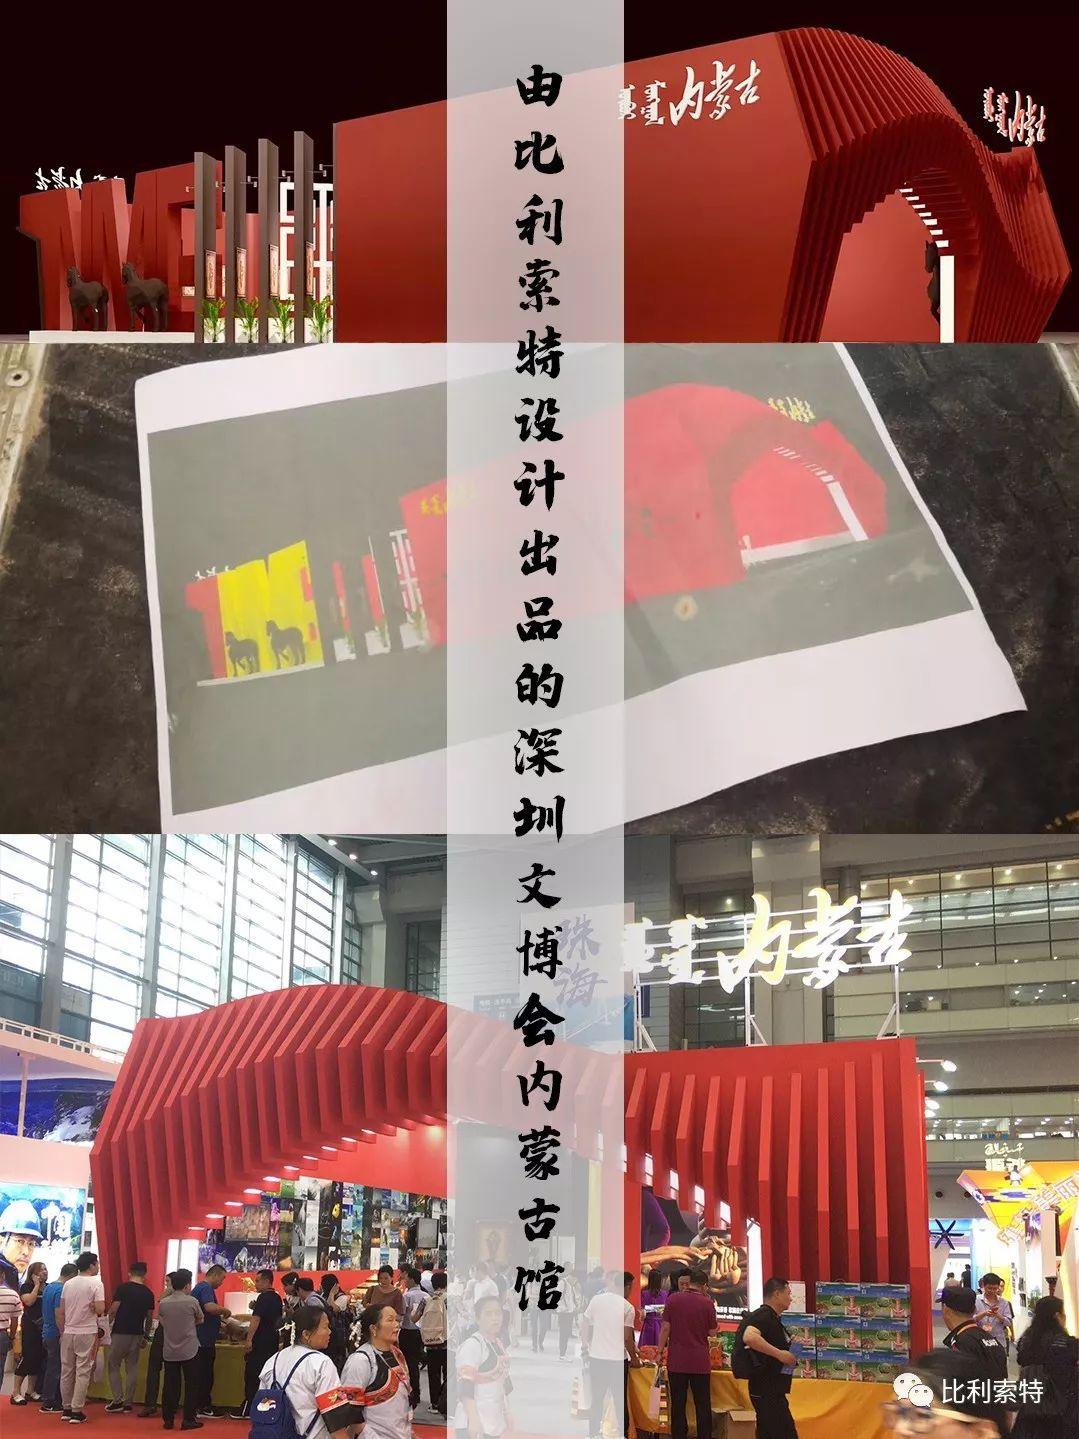 这几个草原汉子在深圳文博会干嘛?????? 第4张